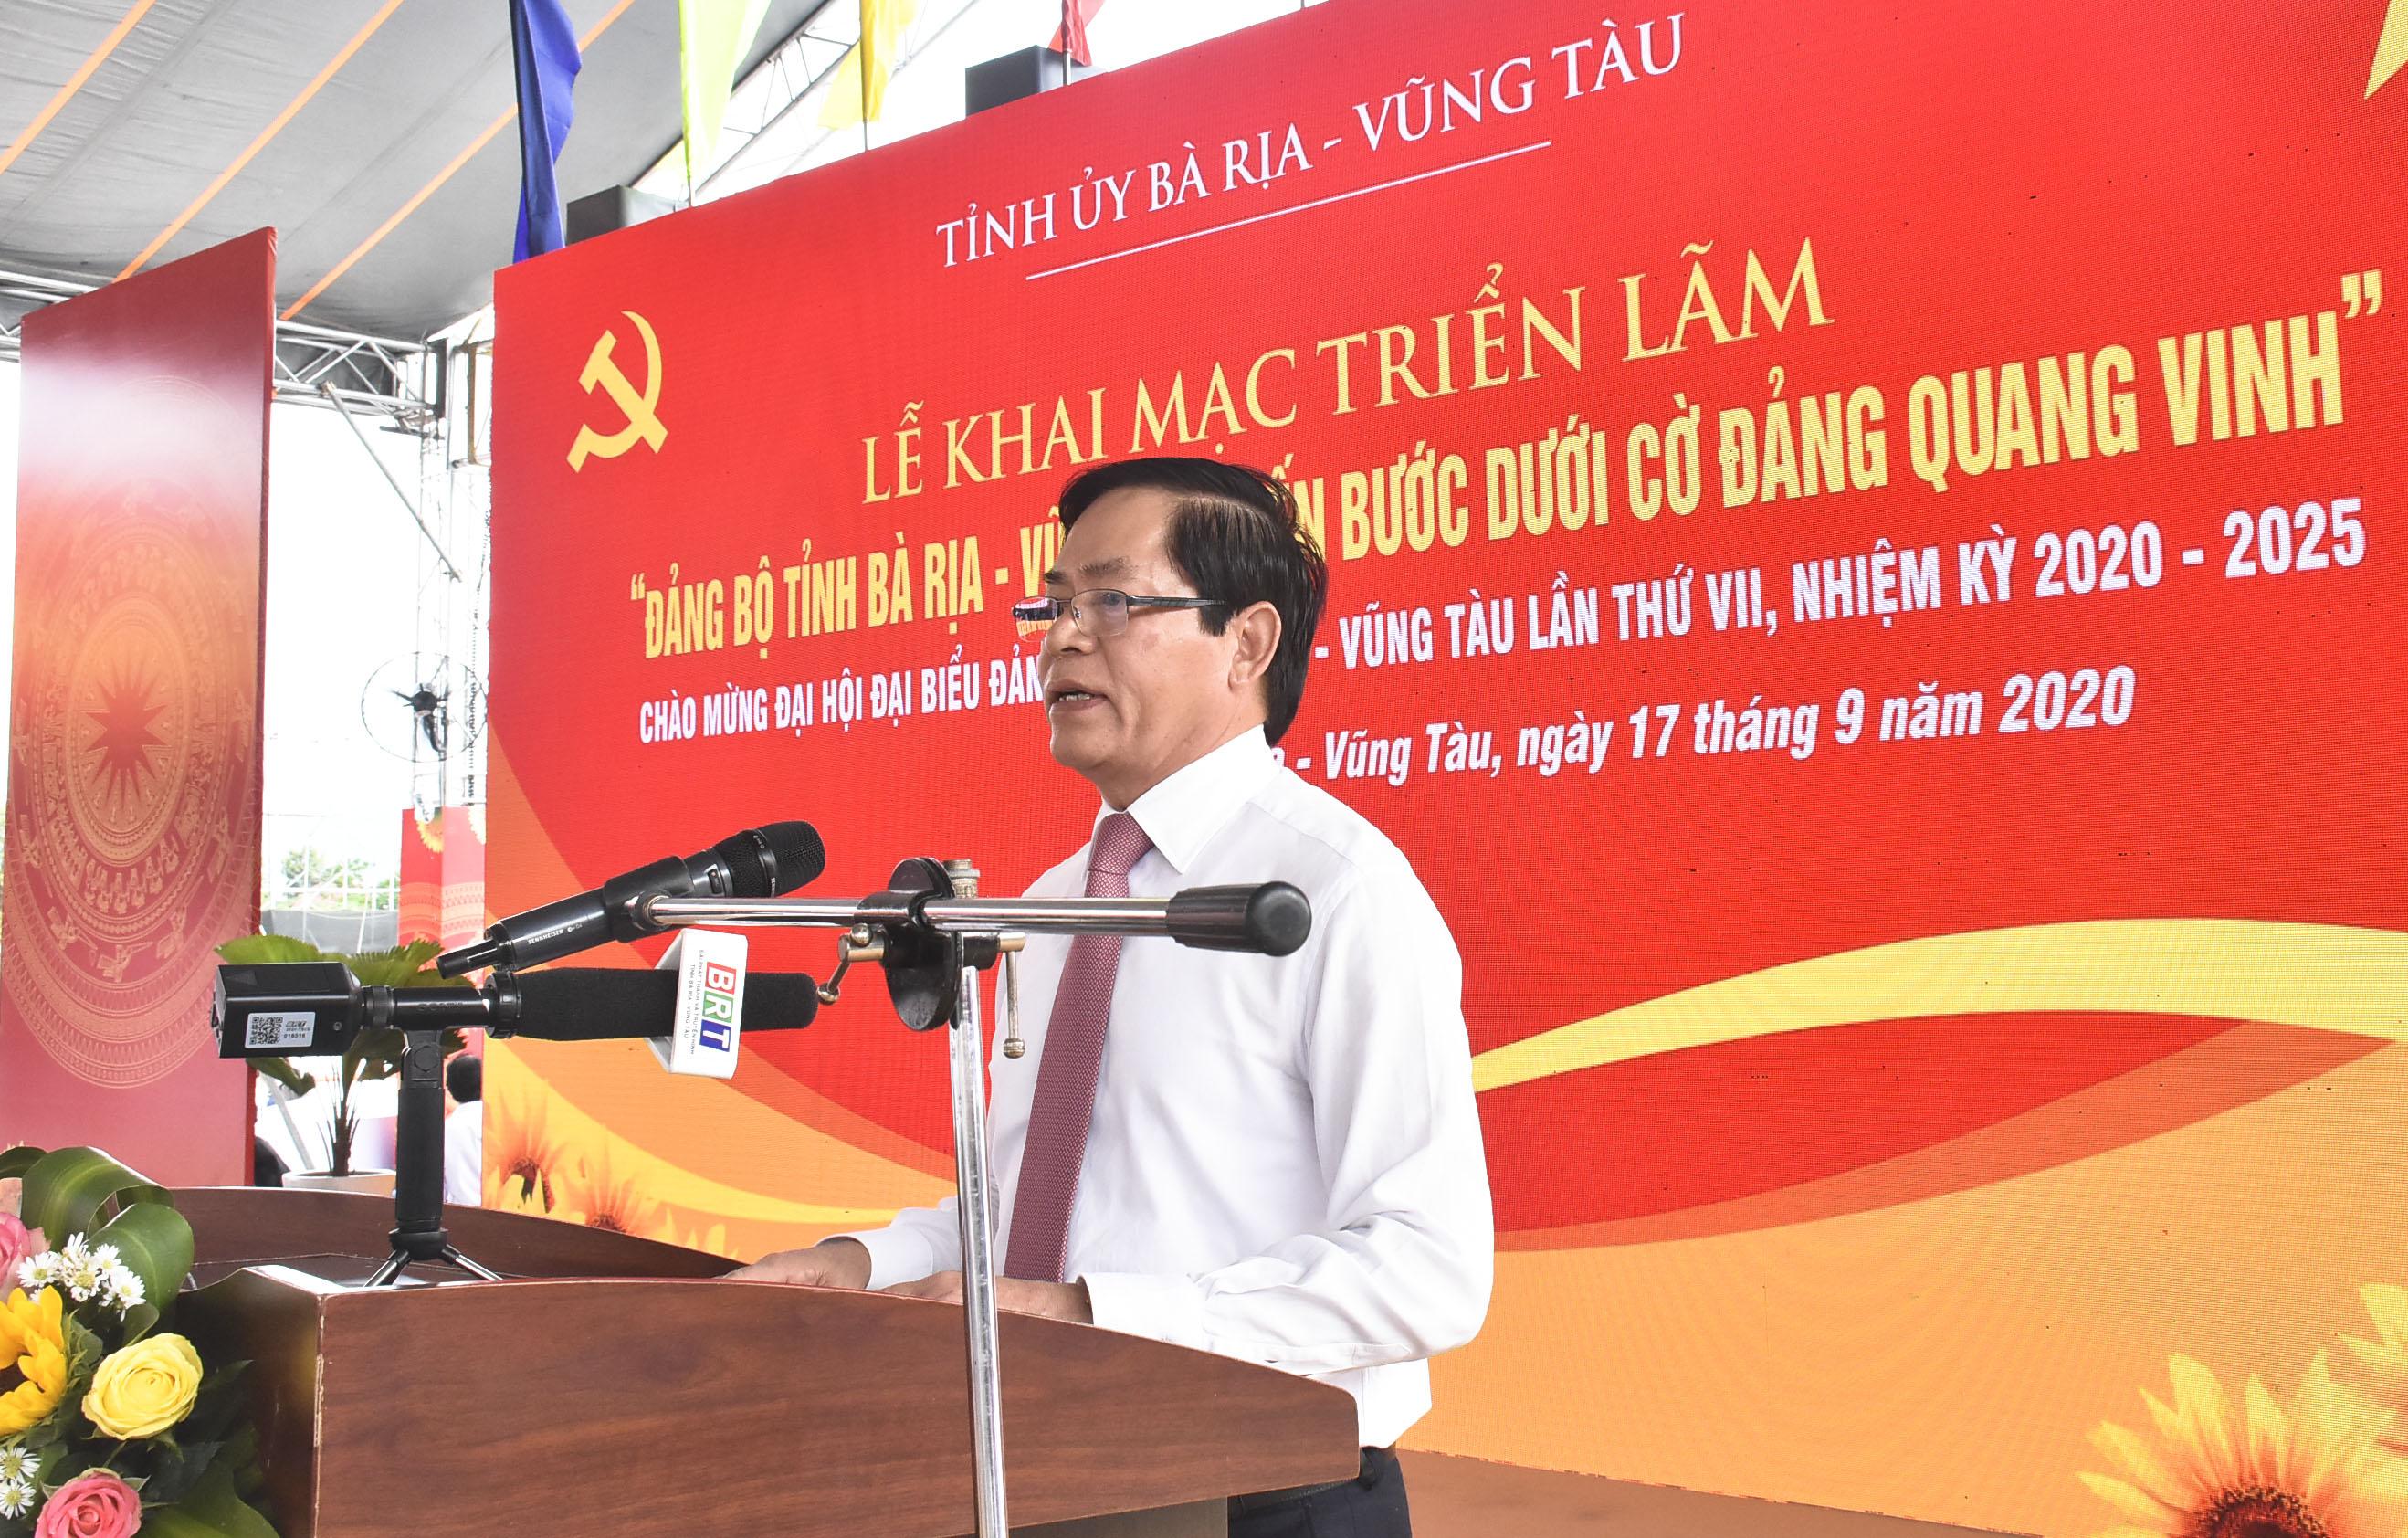 """Khai mạc triển lãm """"Đảng bộ tỉnh Bà Rịa-Vũng Tàu tiến bước dưới cờ Đảng quang vinh"""""""